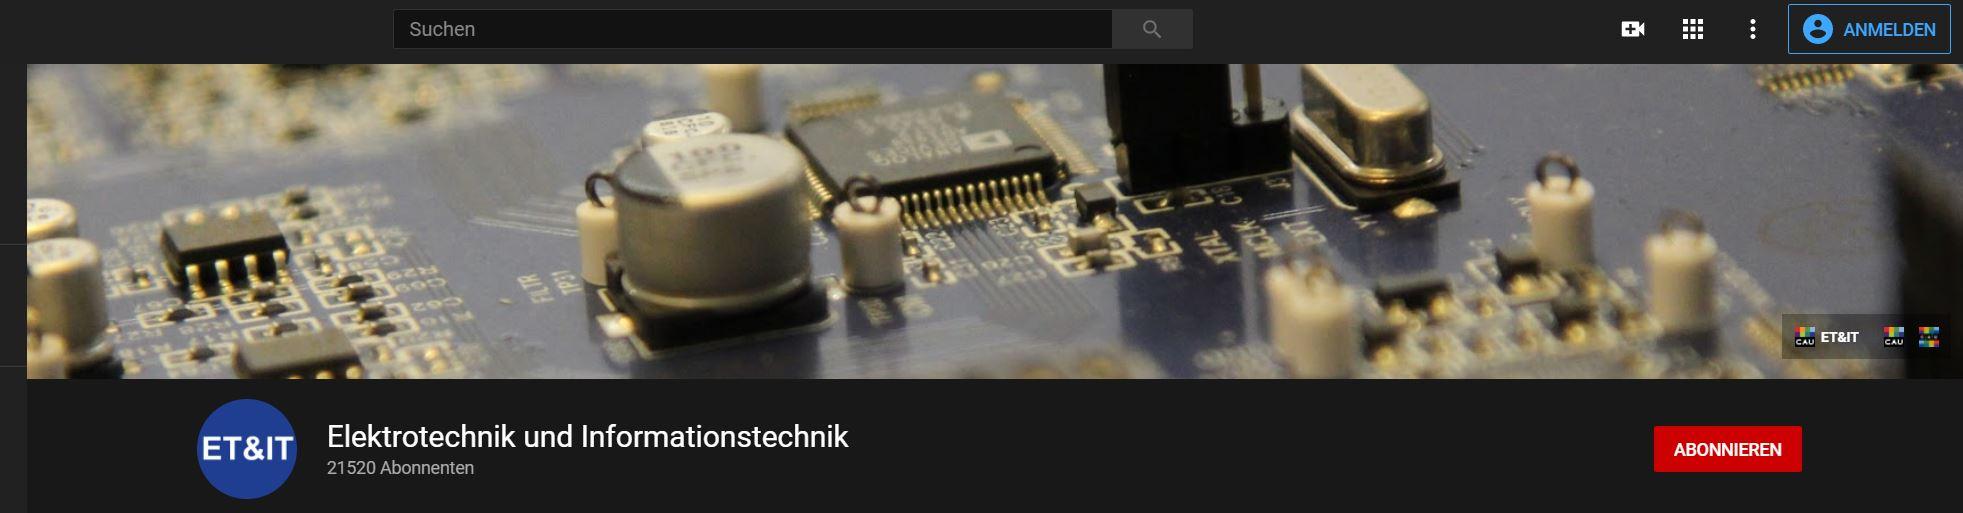 ET&IT YouTube Channel